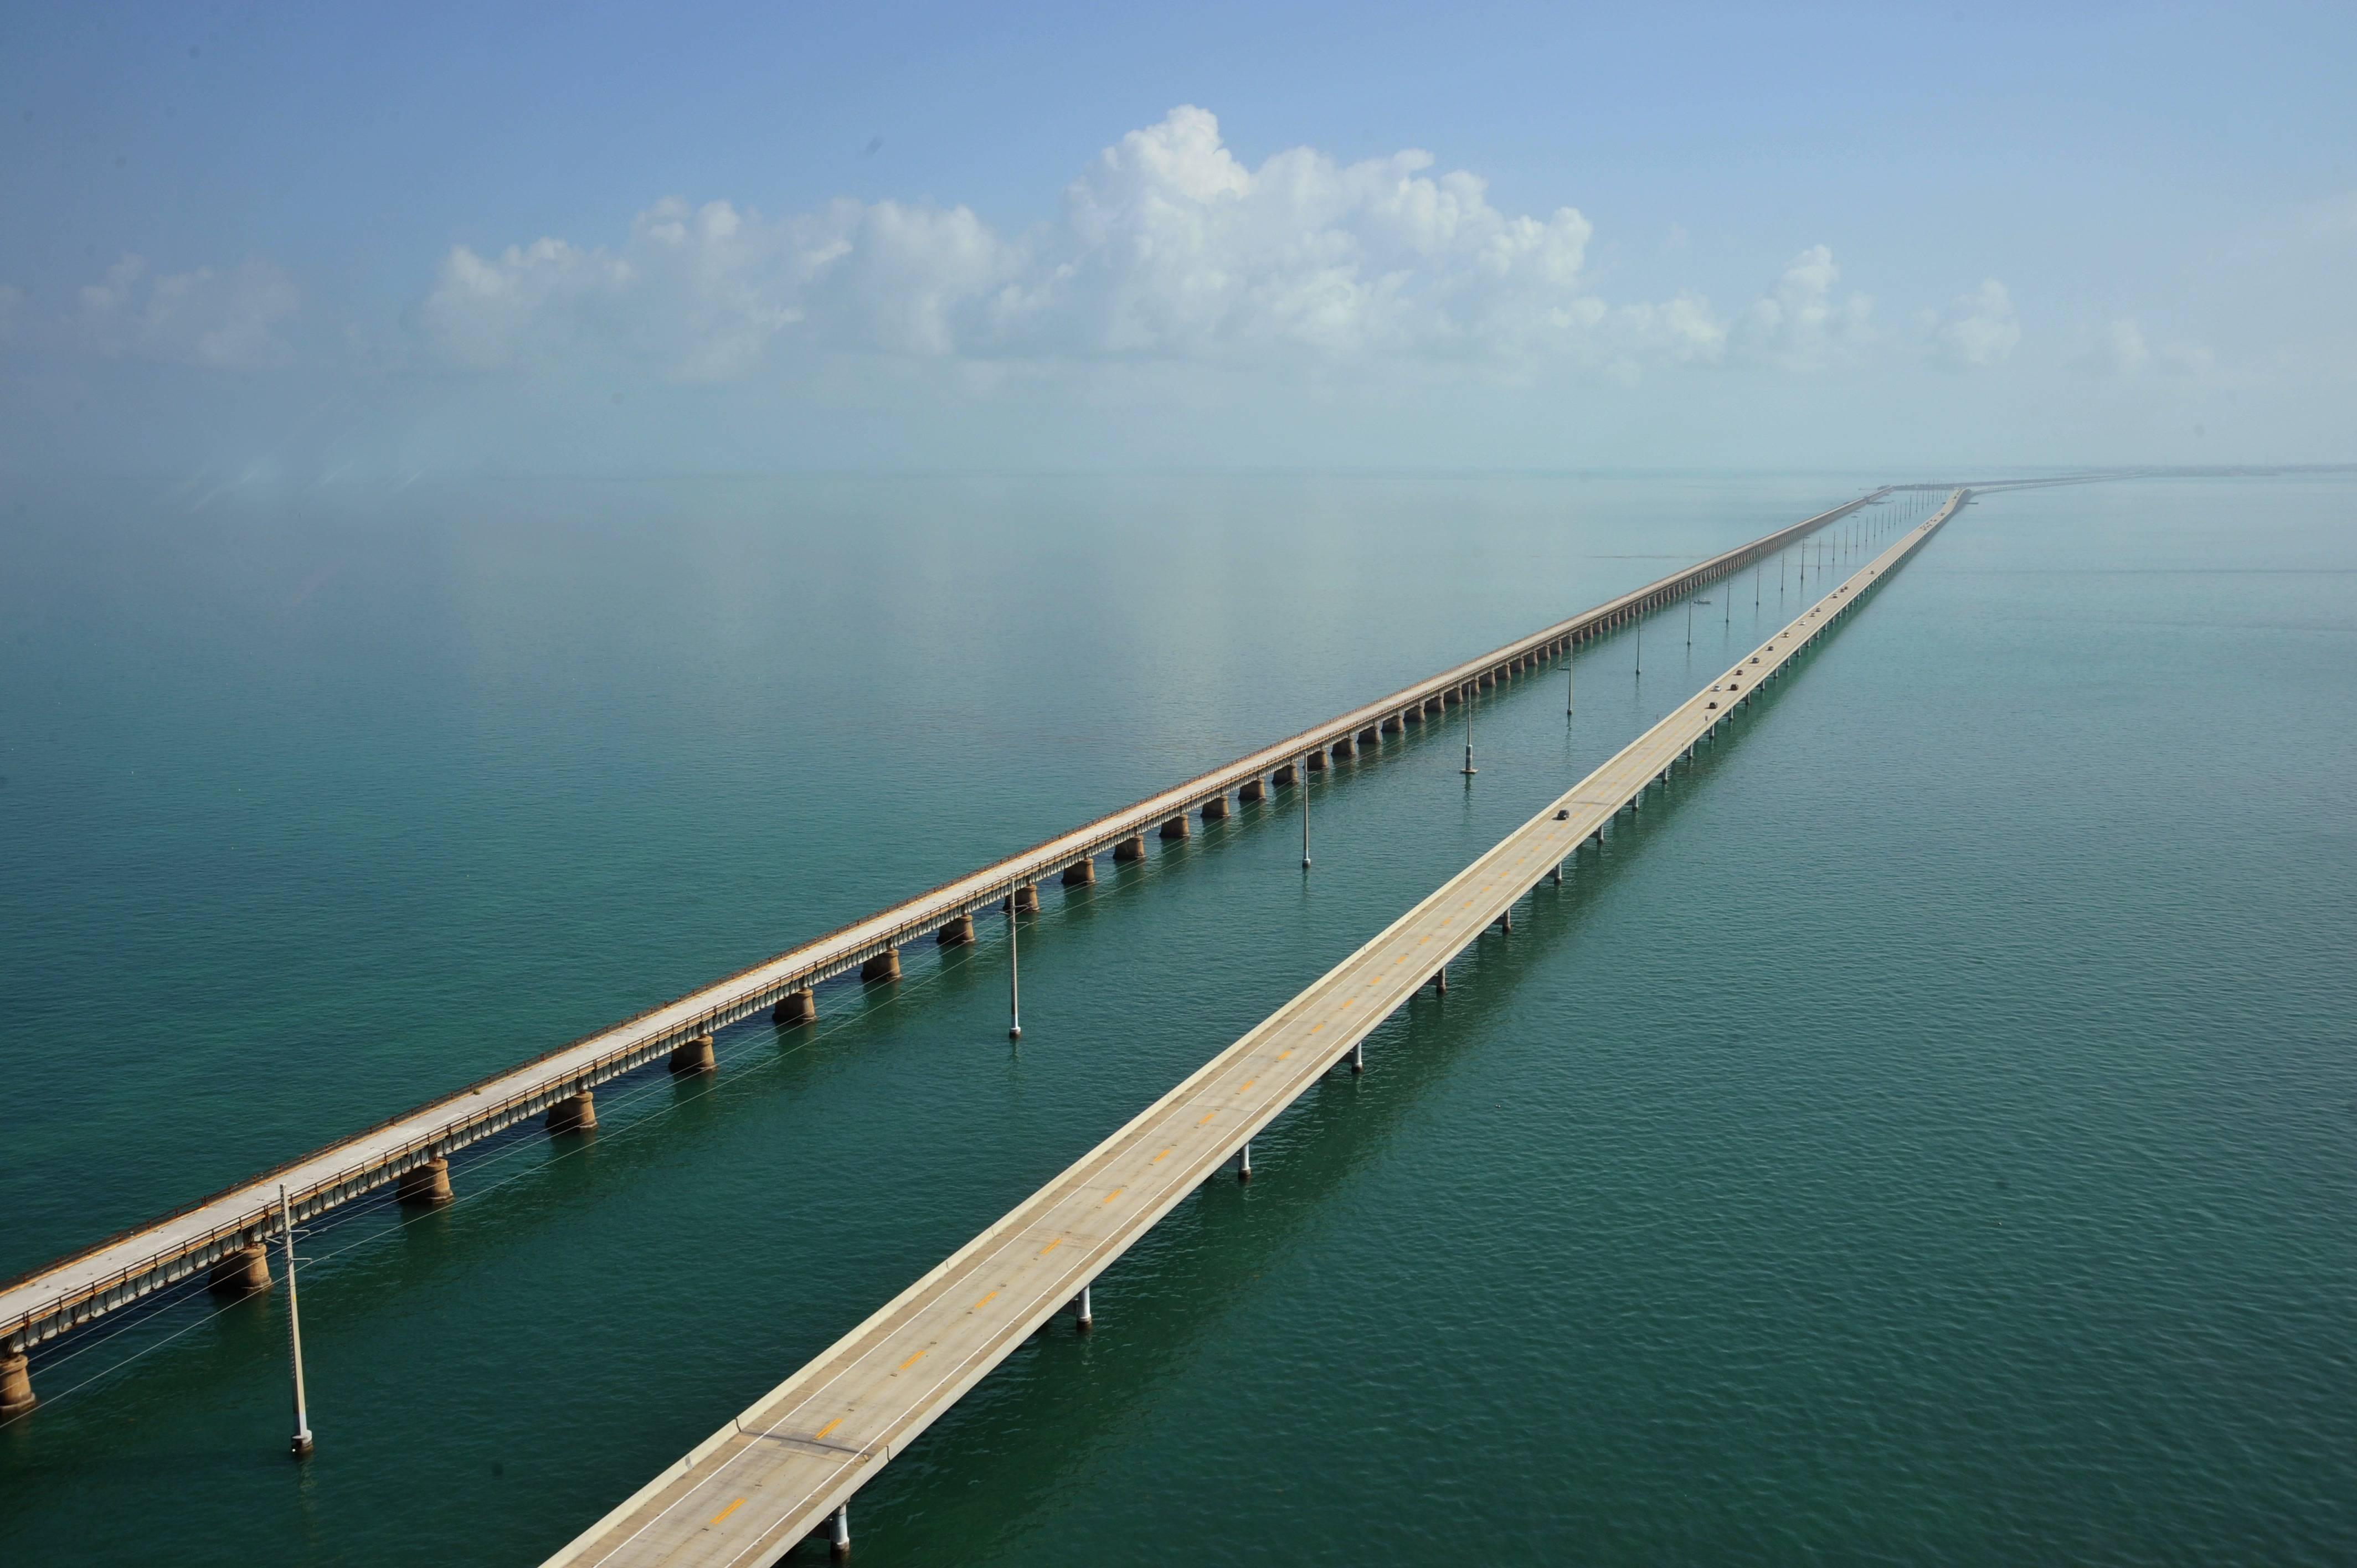 Overseas Highway, Florida @Flickr